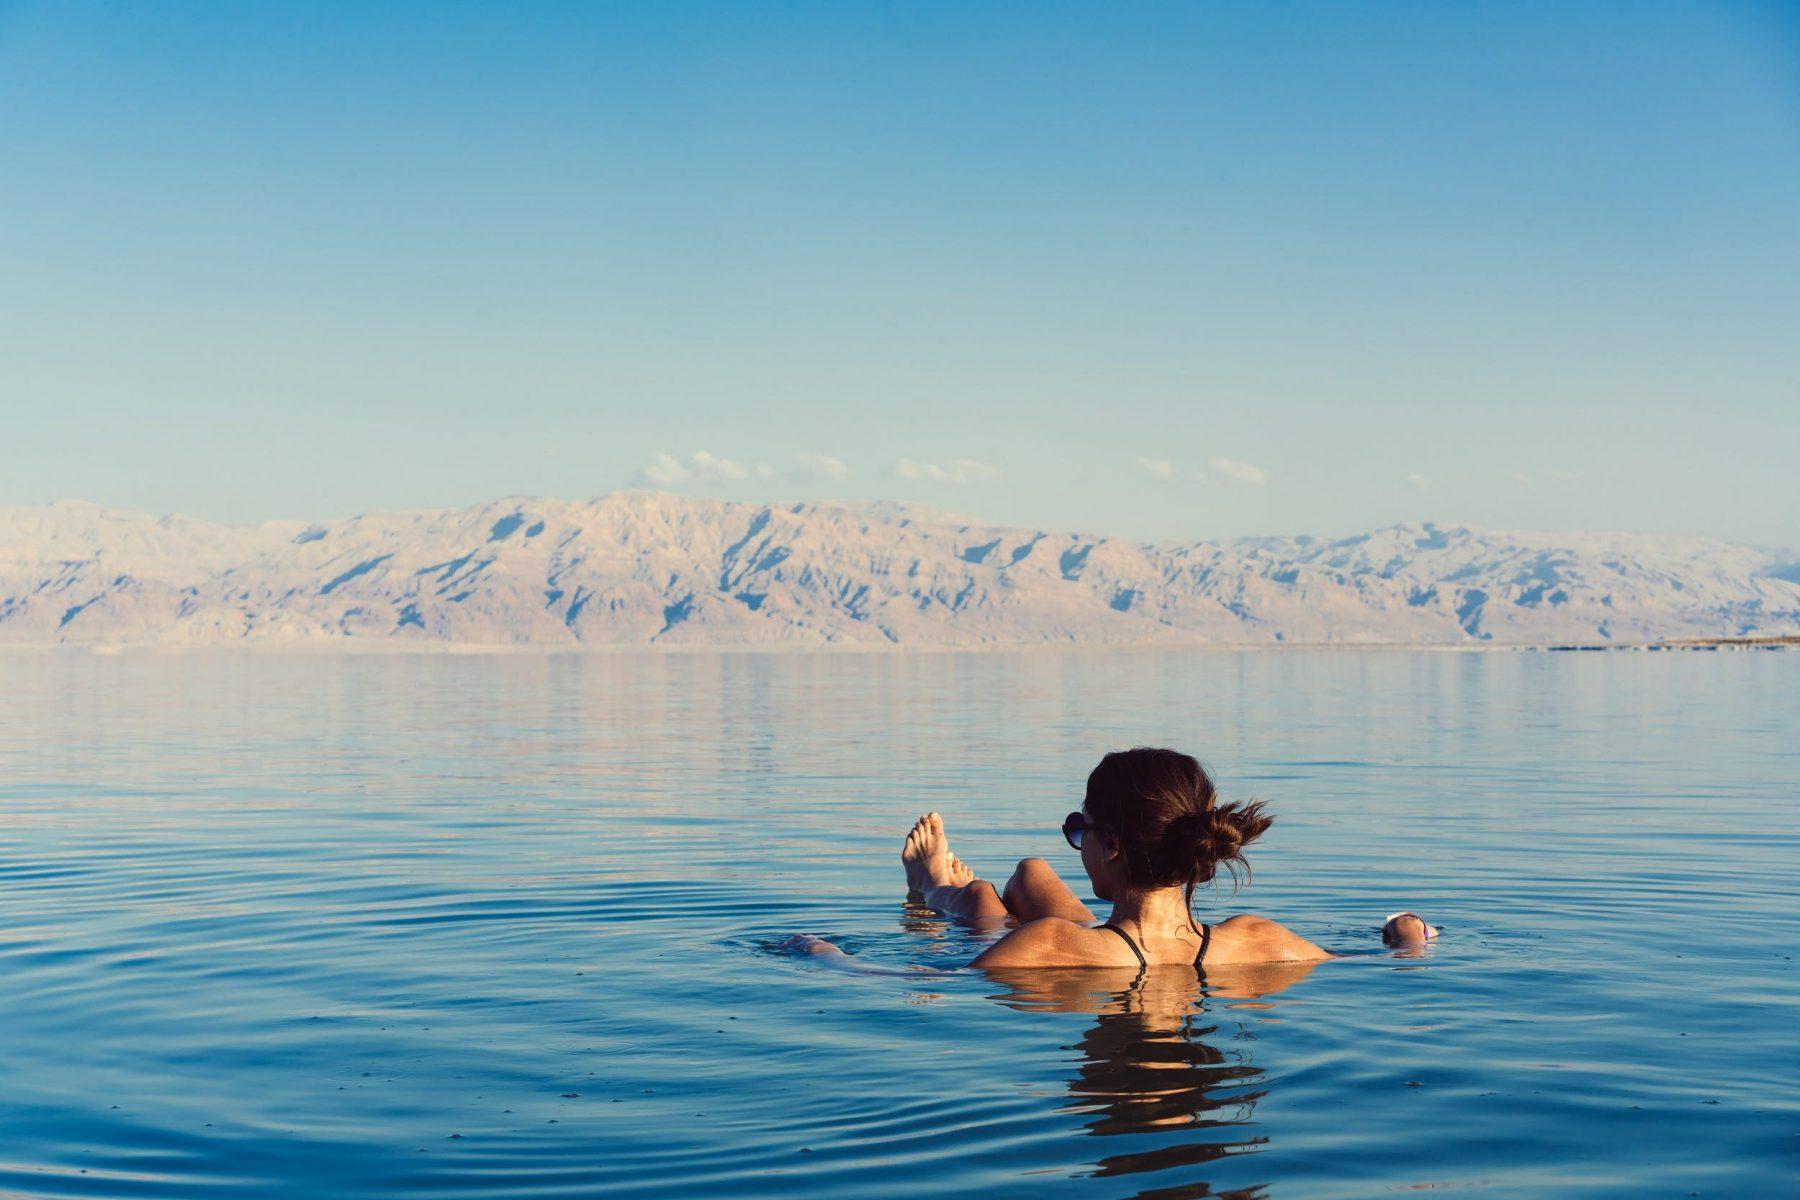 Νεκρά Θάλασσα Ψωρίαση: Οι ιαματικές δράσεις της Νεκράς Θάλασσας για την αντιμετώπιση της ψωρίασης [vid]